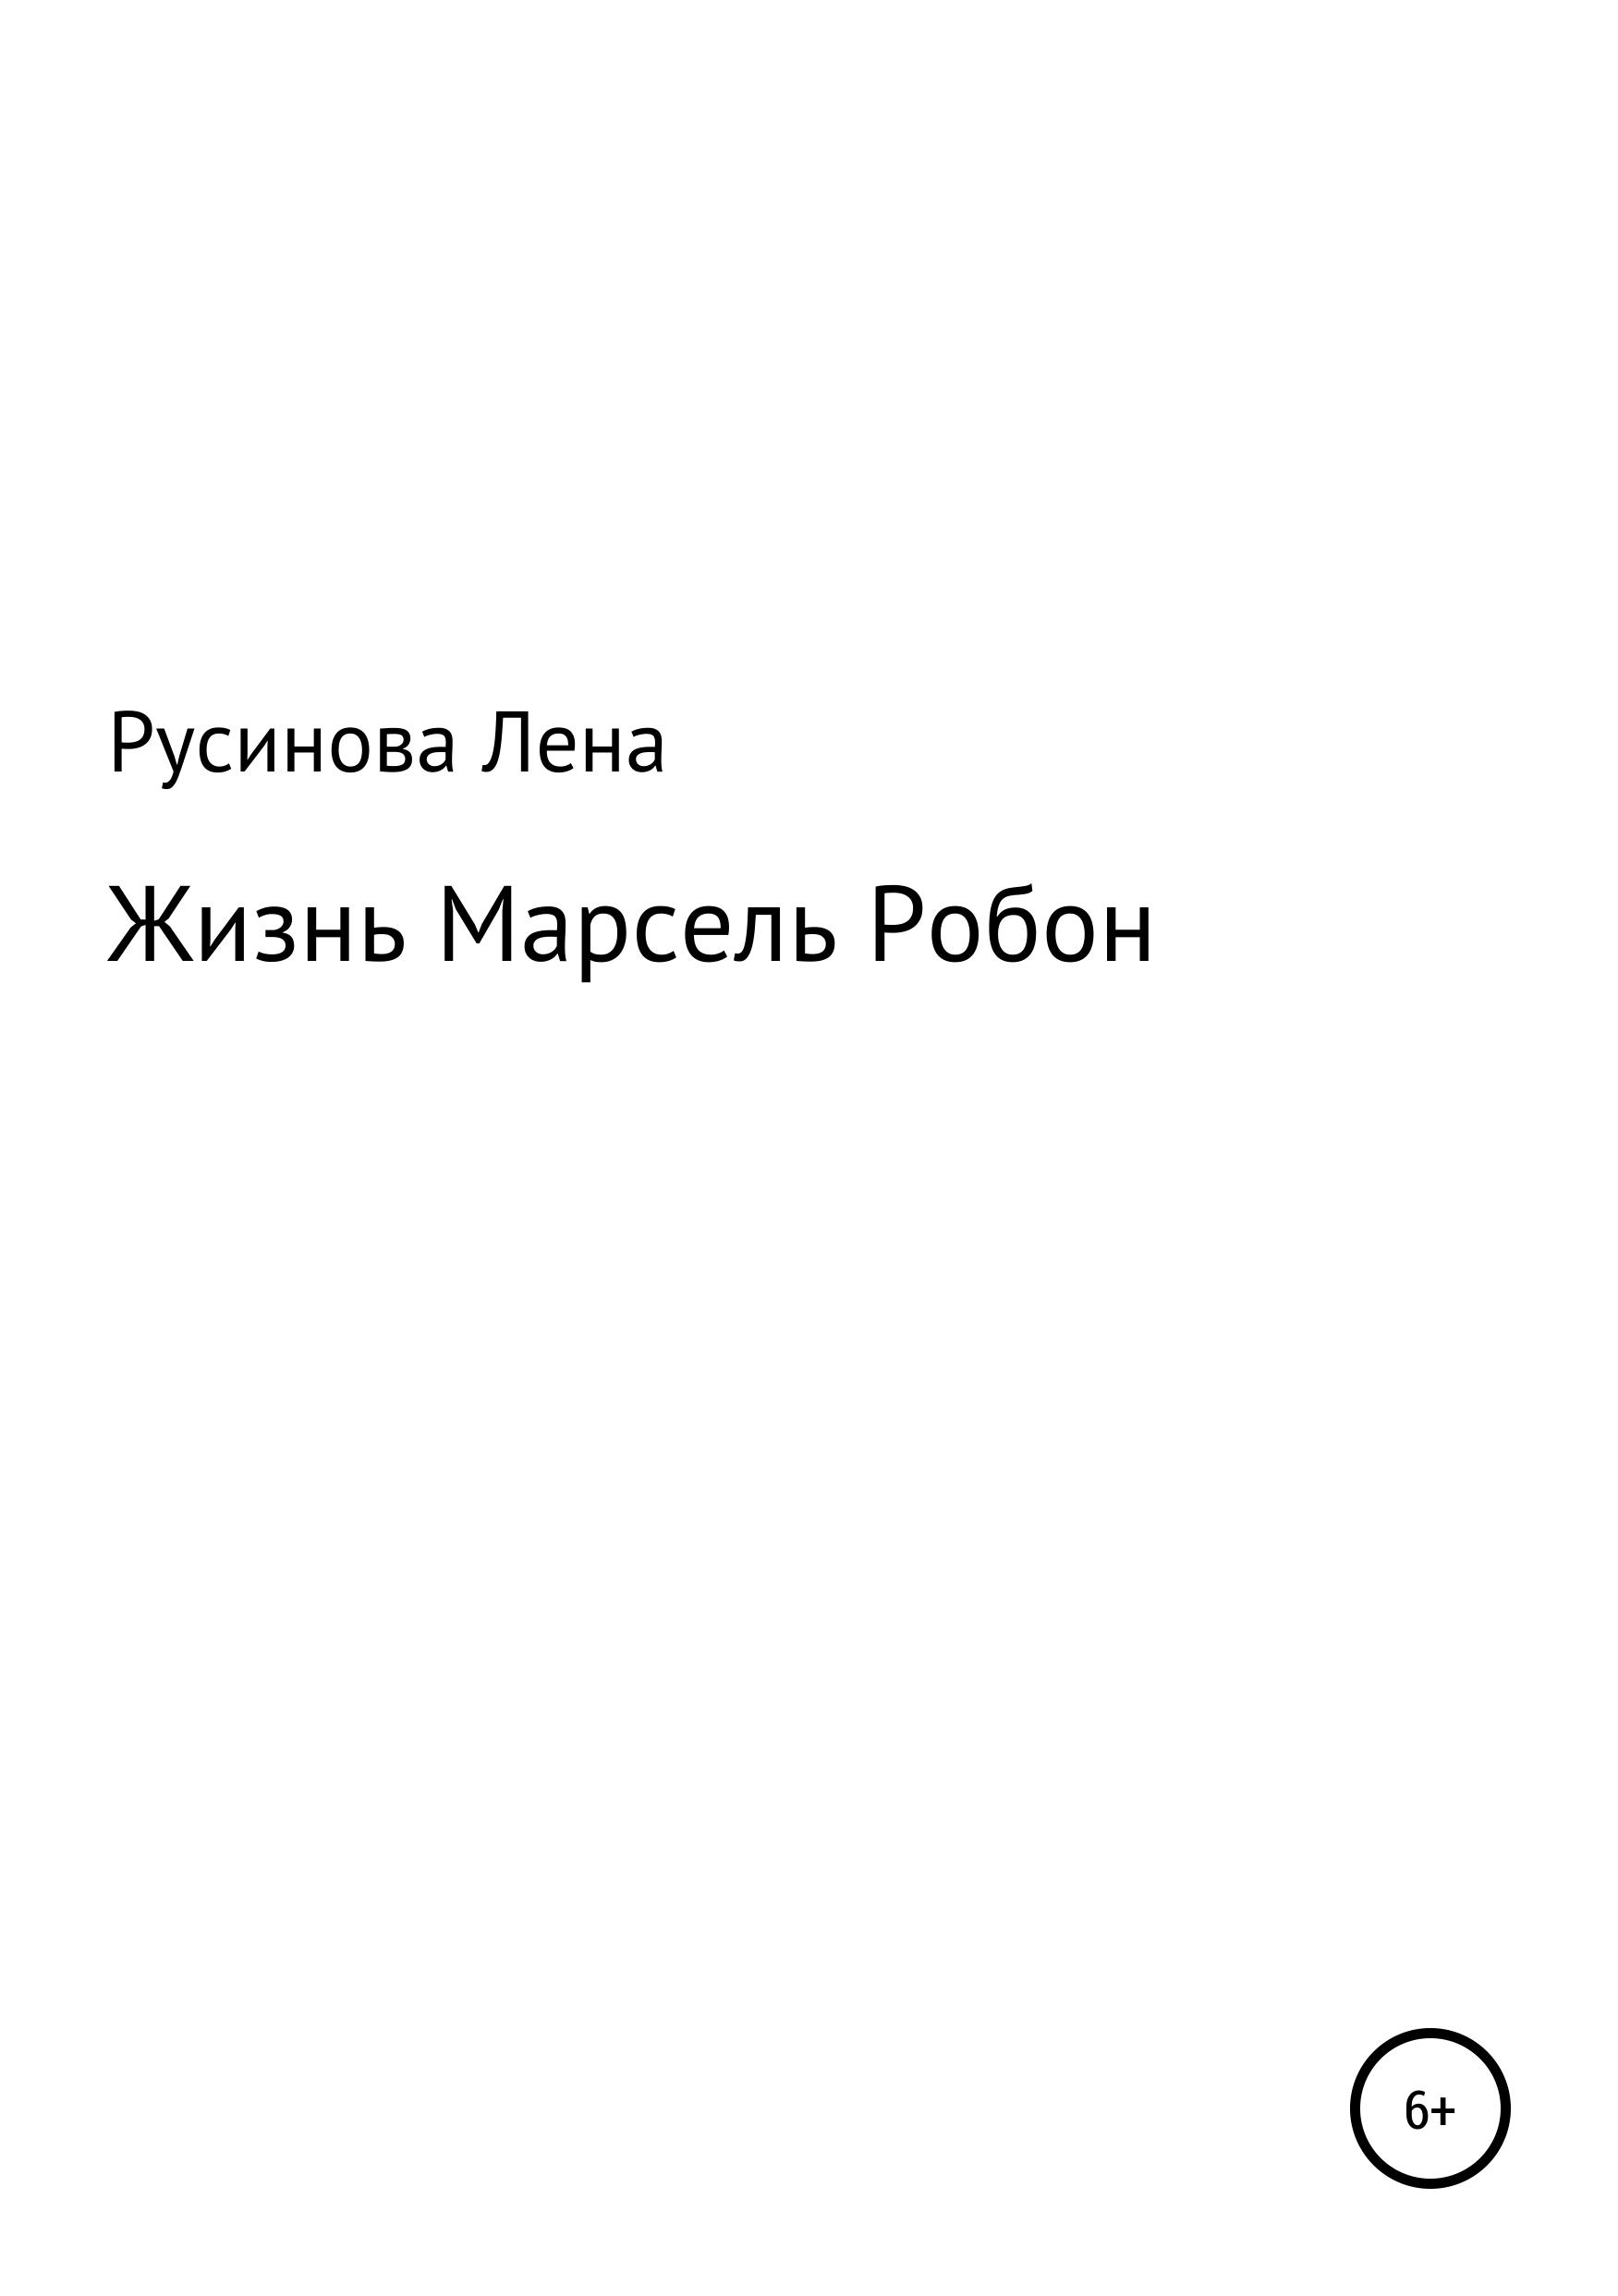 Лена Сергеевна Русинова Жизнь Марсель Робон анжелика сергеевна лика макеева ты